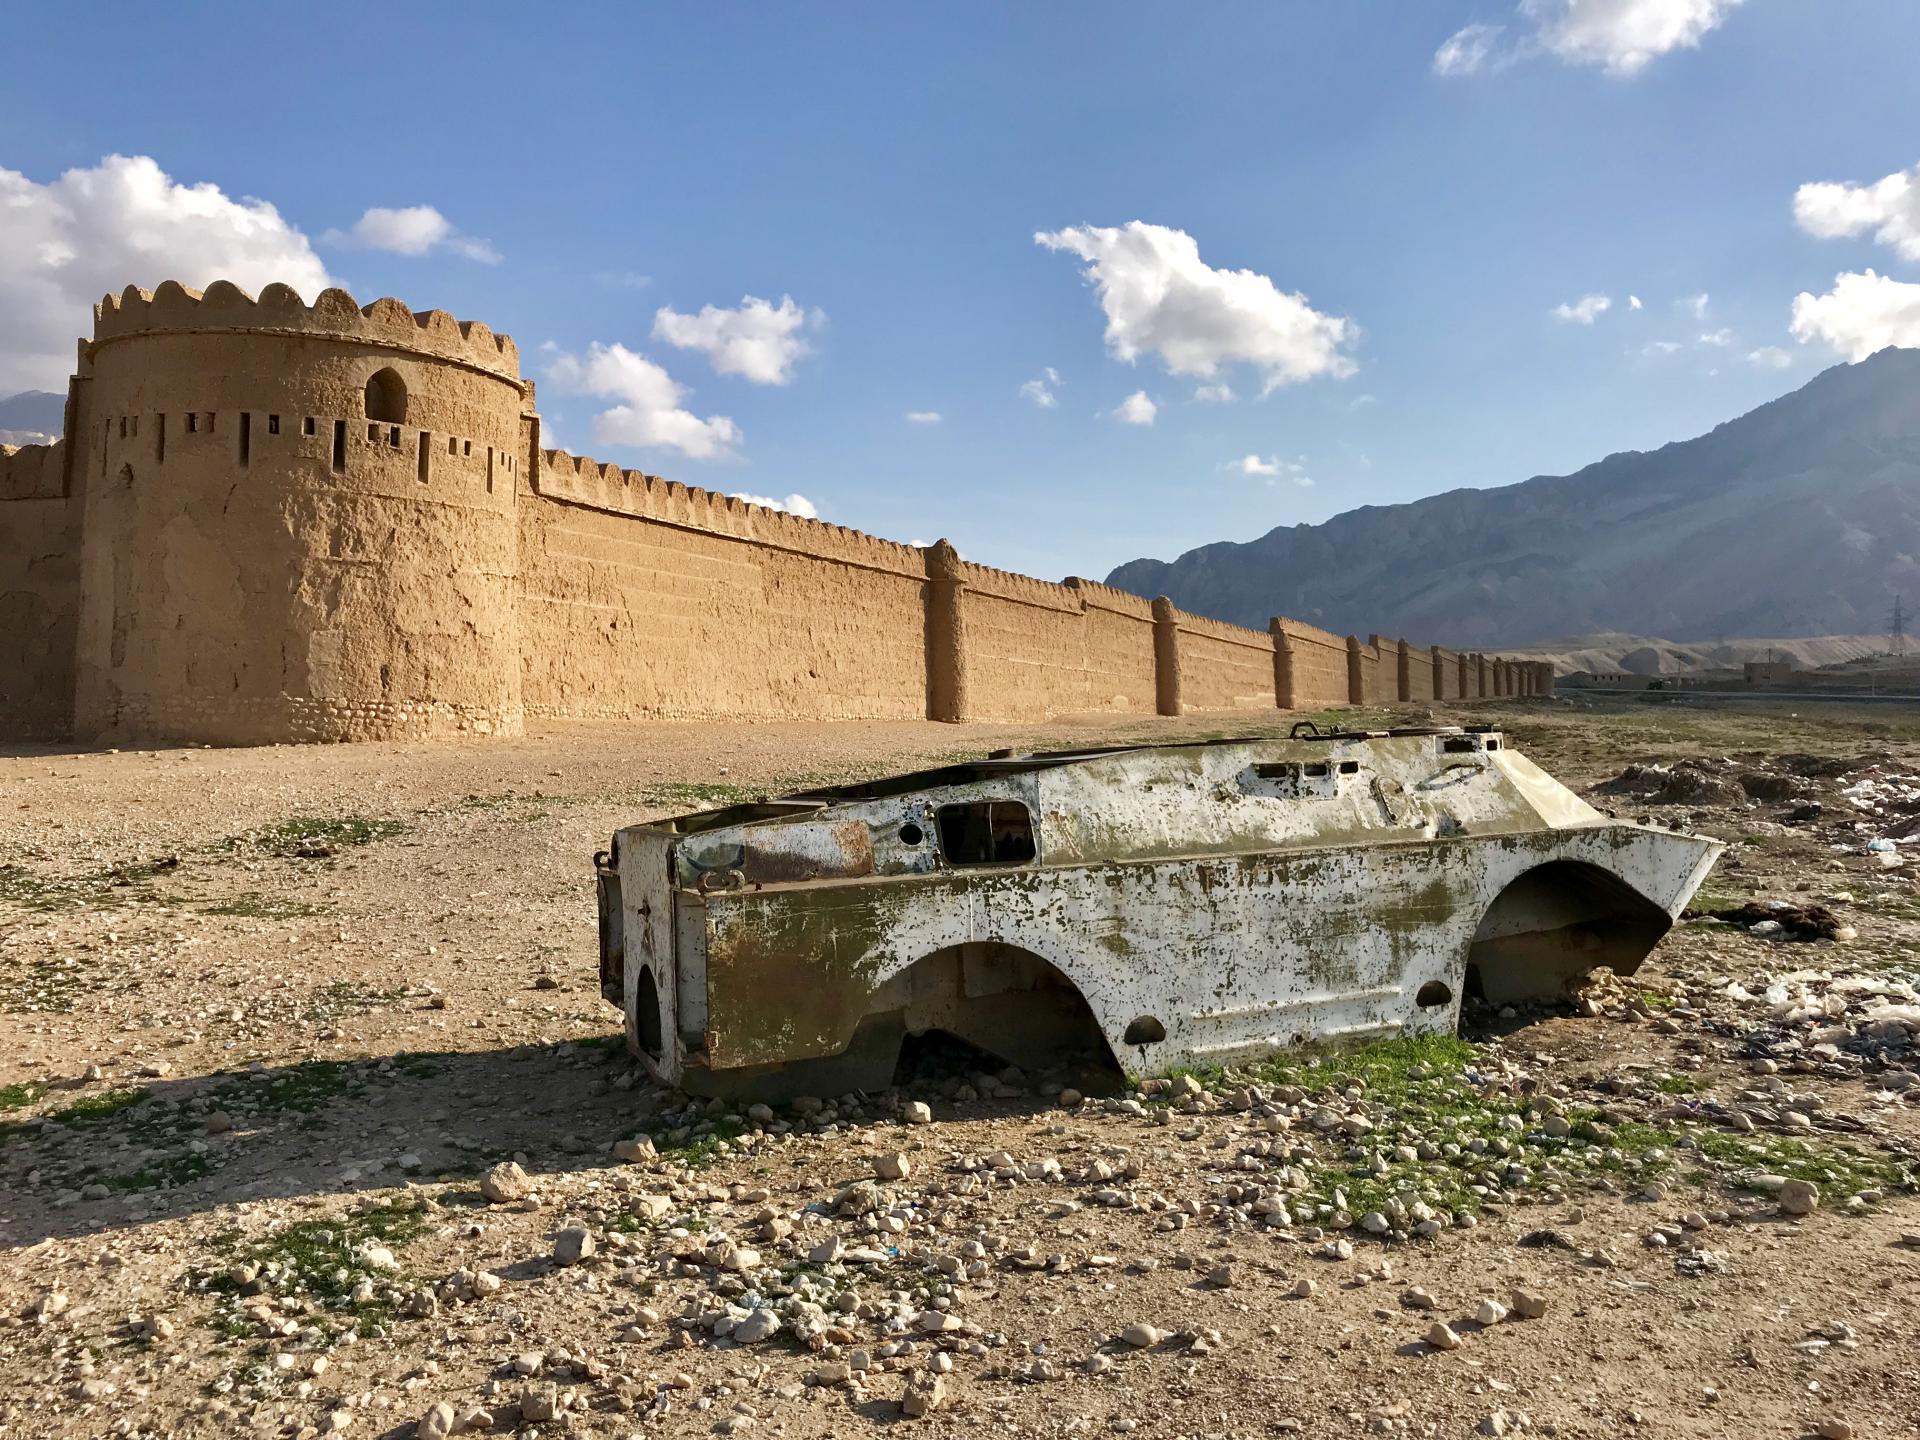 La carcasse d'un tank soviétique devant les remparts du palais de Jahan Nama, au nord de l'Afghanistan.